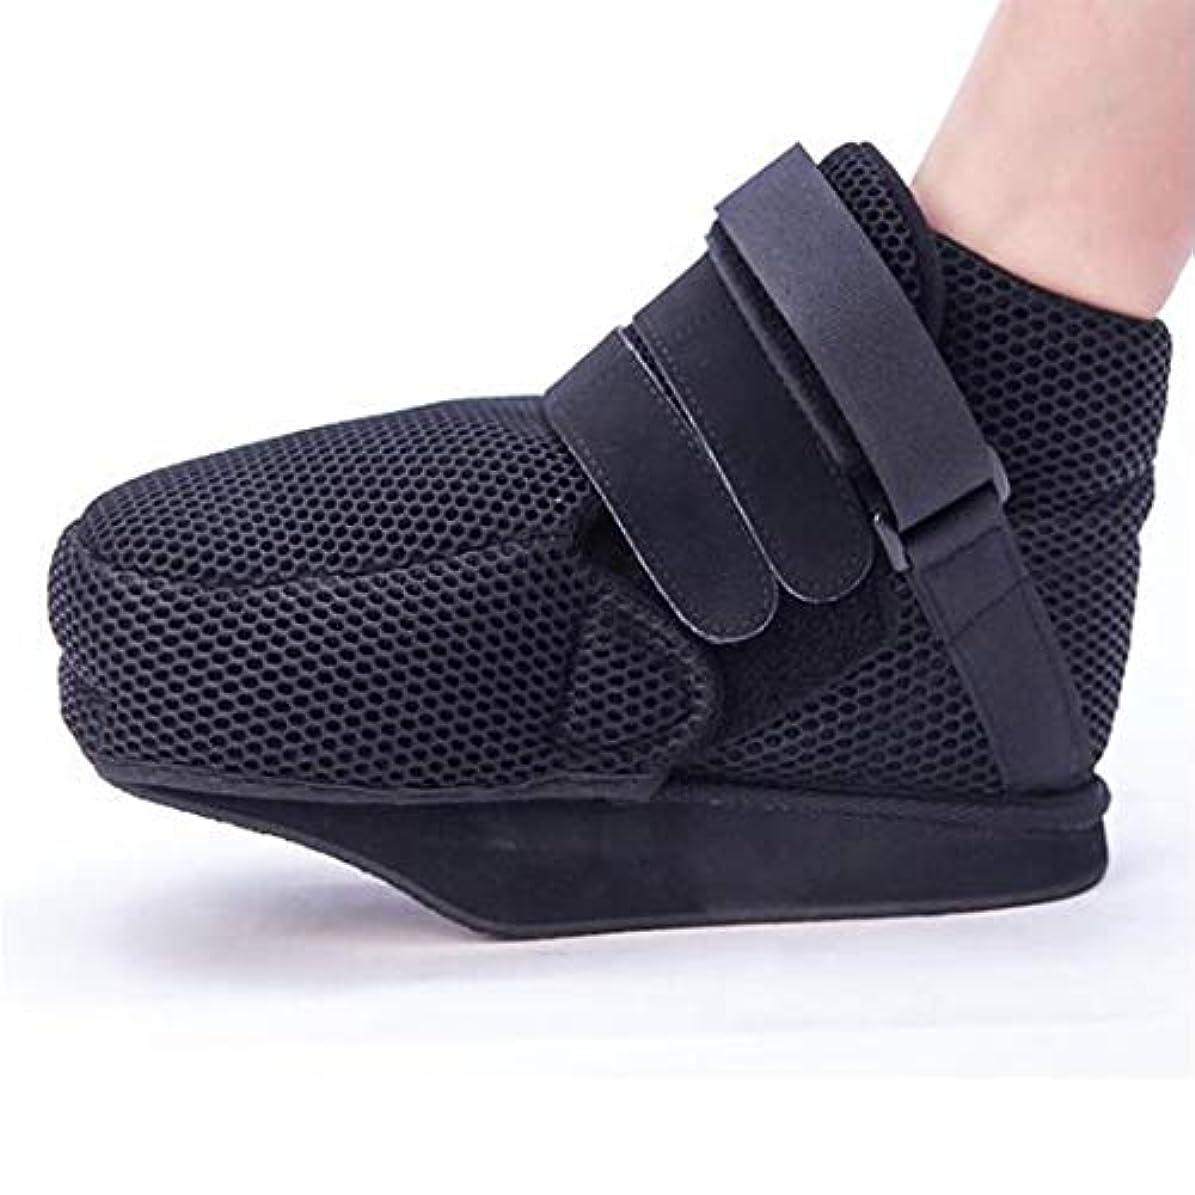 伝えるそよ風故障中医療足骨折石膏の回復靴の手術後のつま先の靴を安定化骨折の靴を調整可能なファスナーで完全なカバー,S24cm